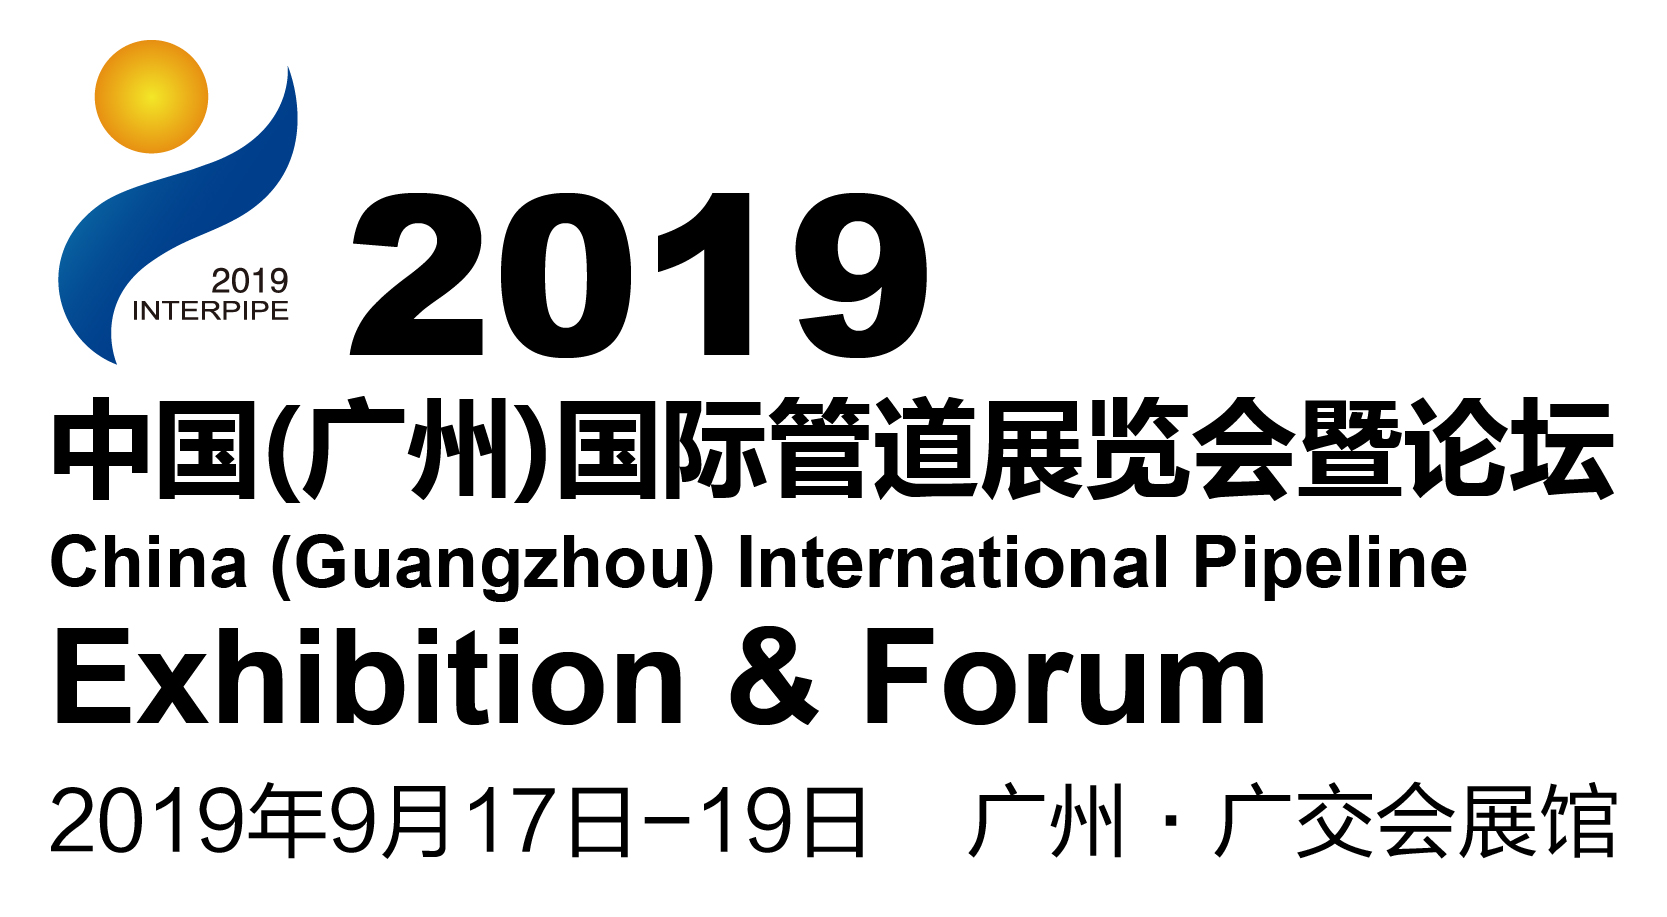 2019中國國際管道展覽會暨論壇